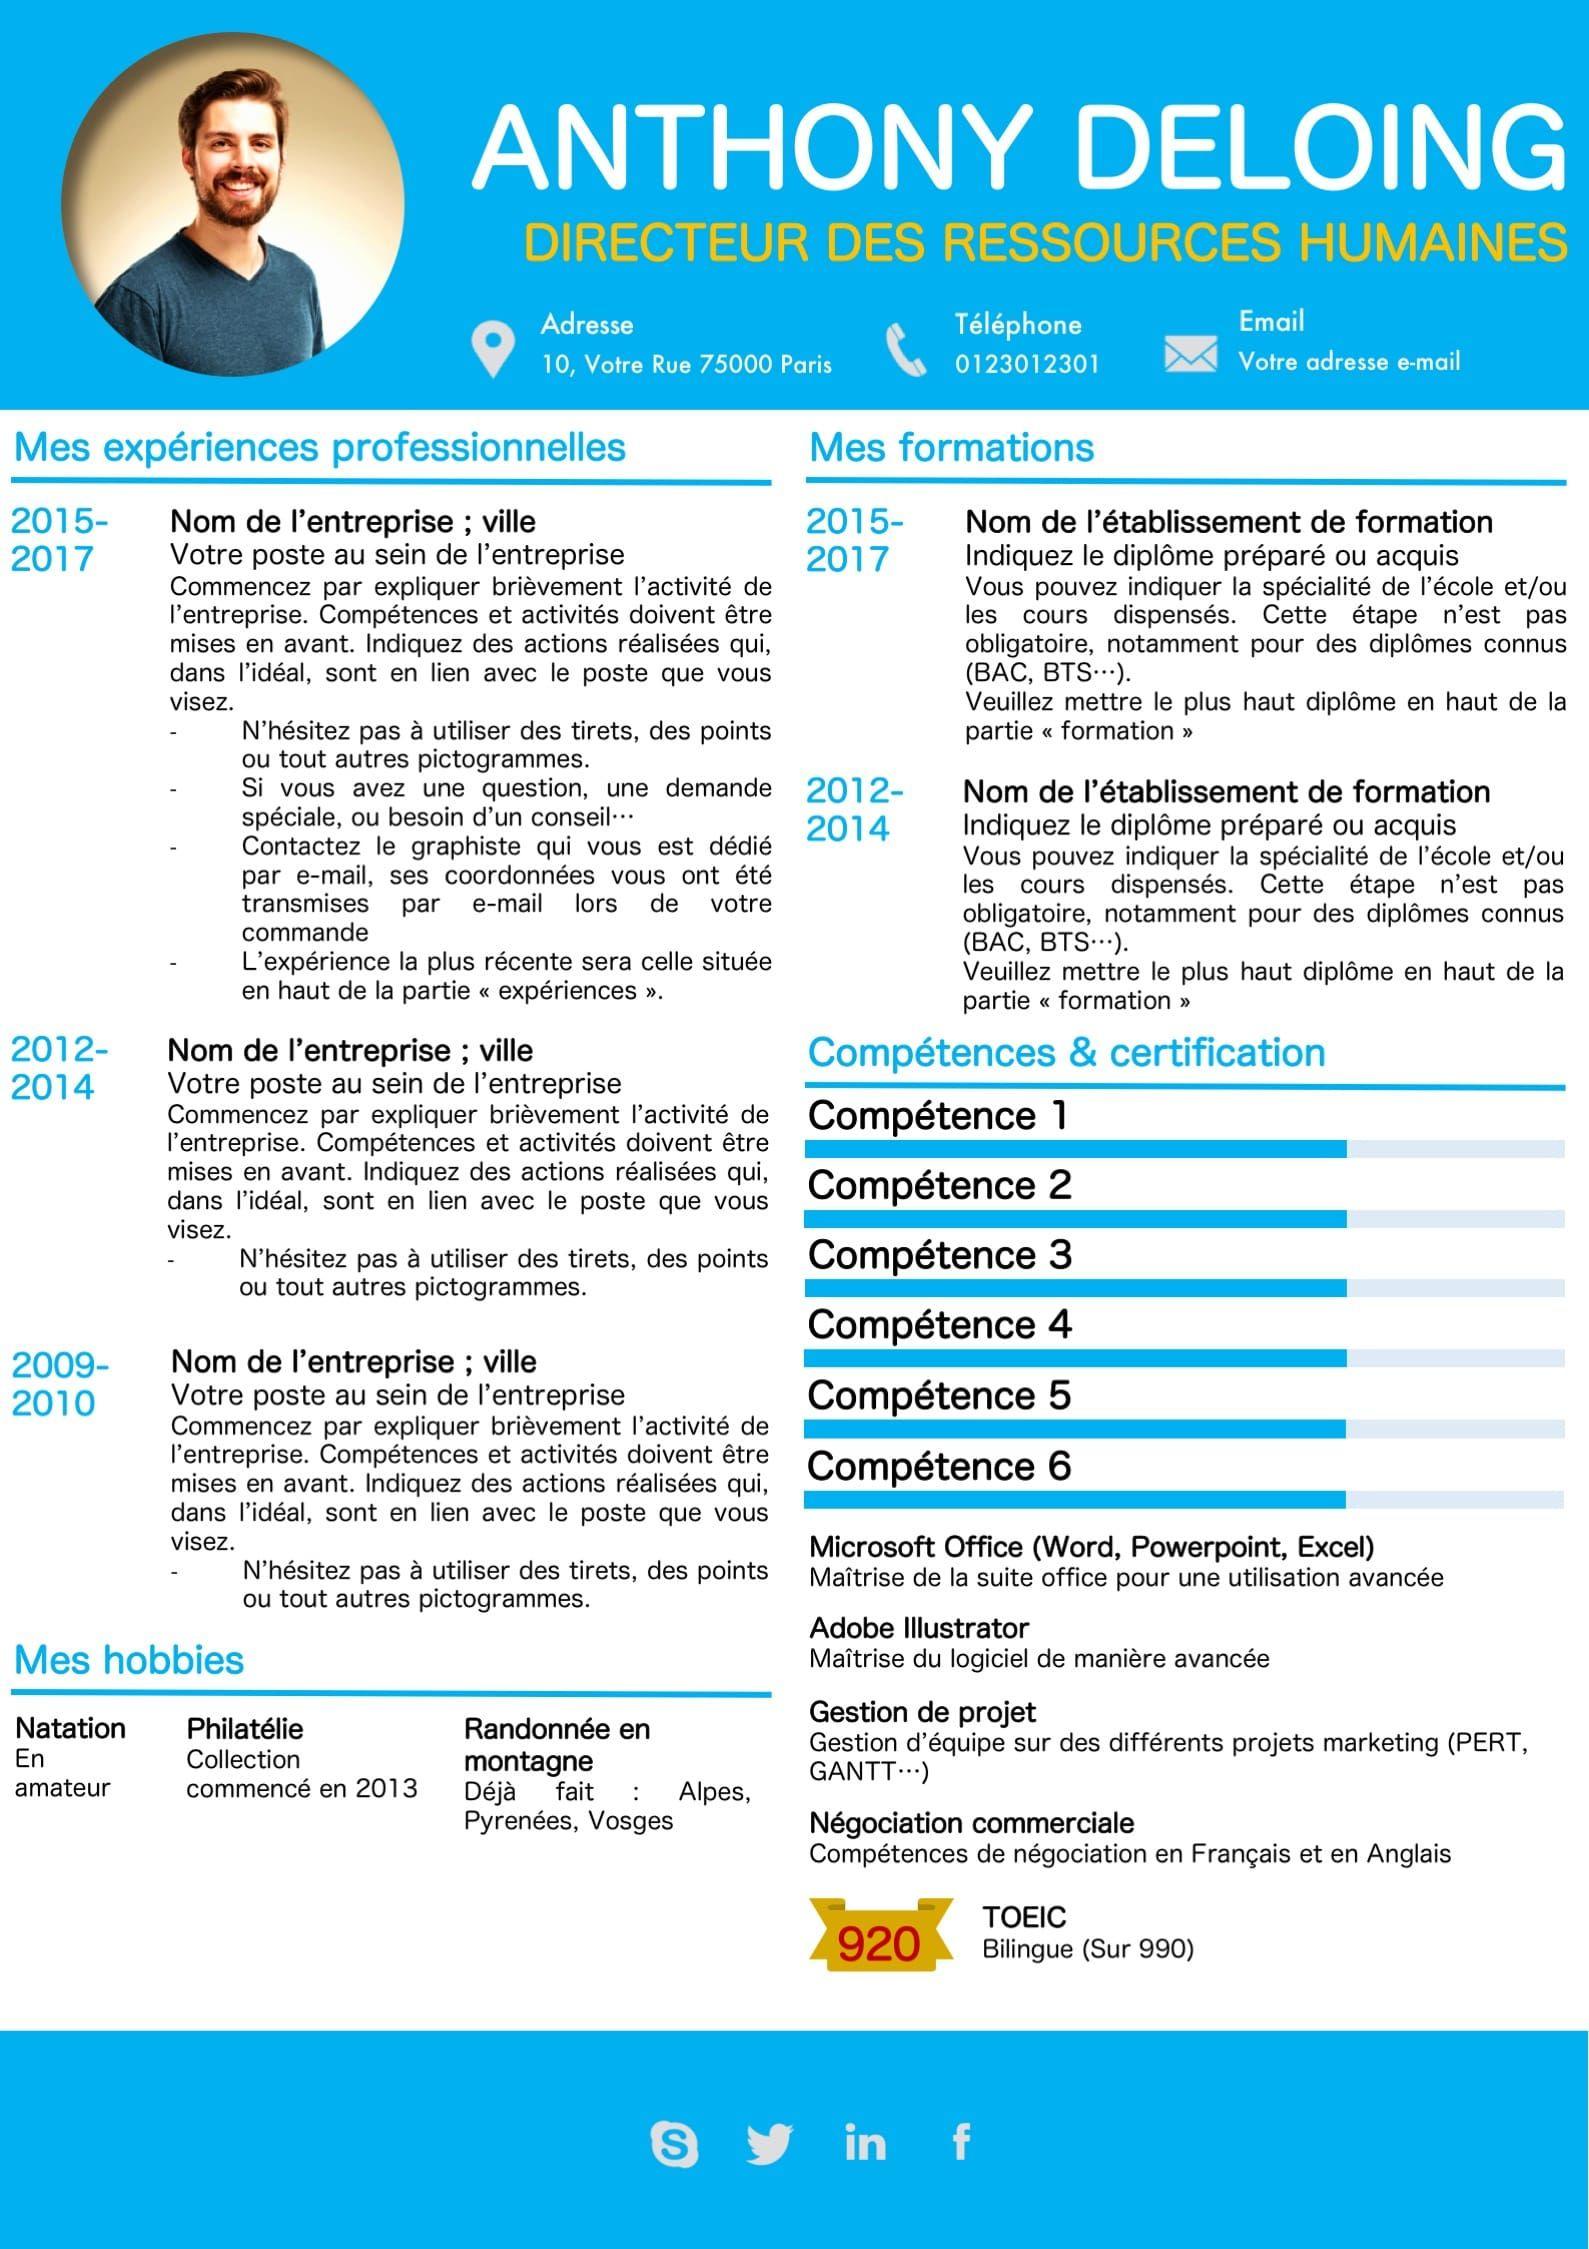 cv bleu ciel  cv avec comp u00e9tences en forme de barre  possibilit u00e9 de mettre des certifications